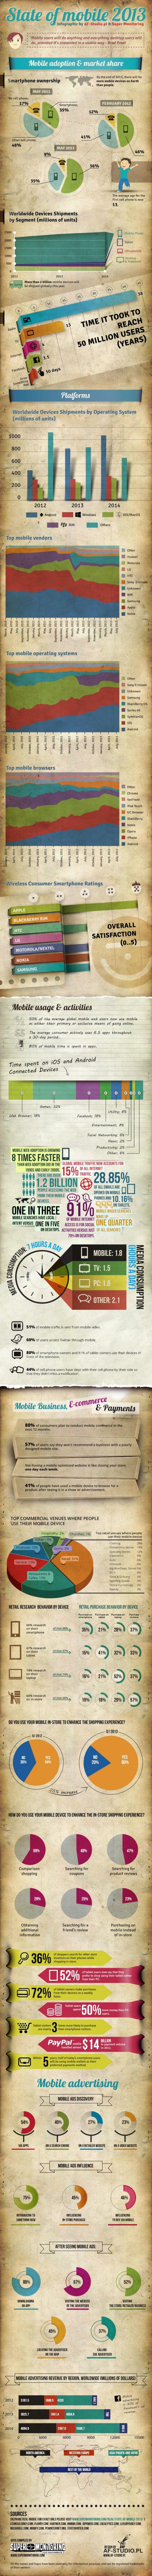 Mobiles Internet wächst rasant - aktuelle und sehr ausführliche #Infografik liefert Fakten (via http://t3n.de/news/mobiles-internet-2013-infografik-499460/)